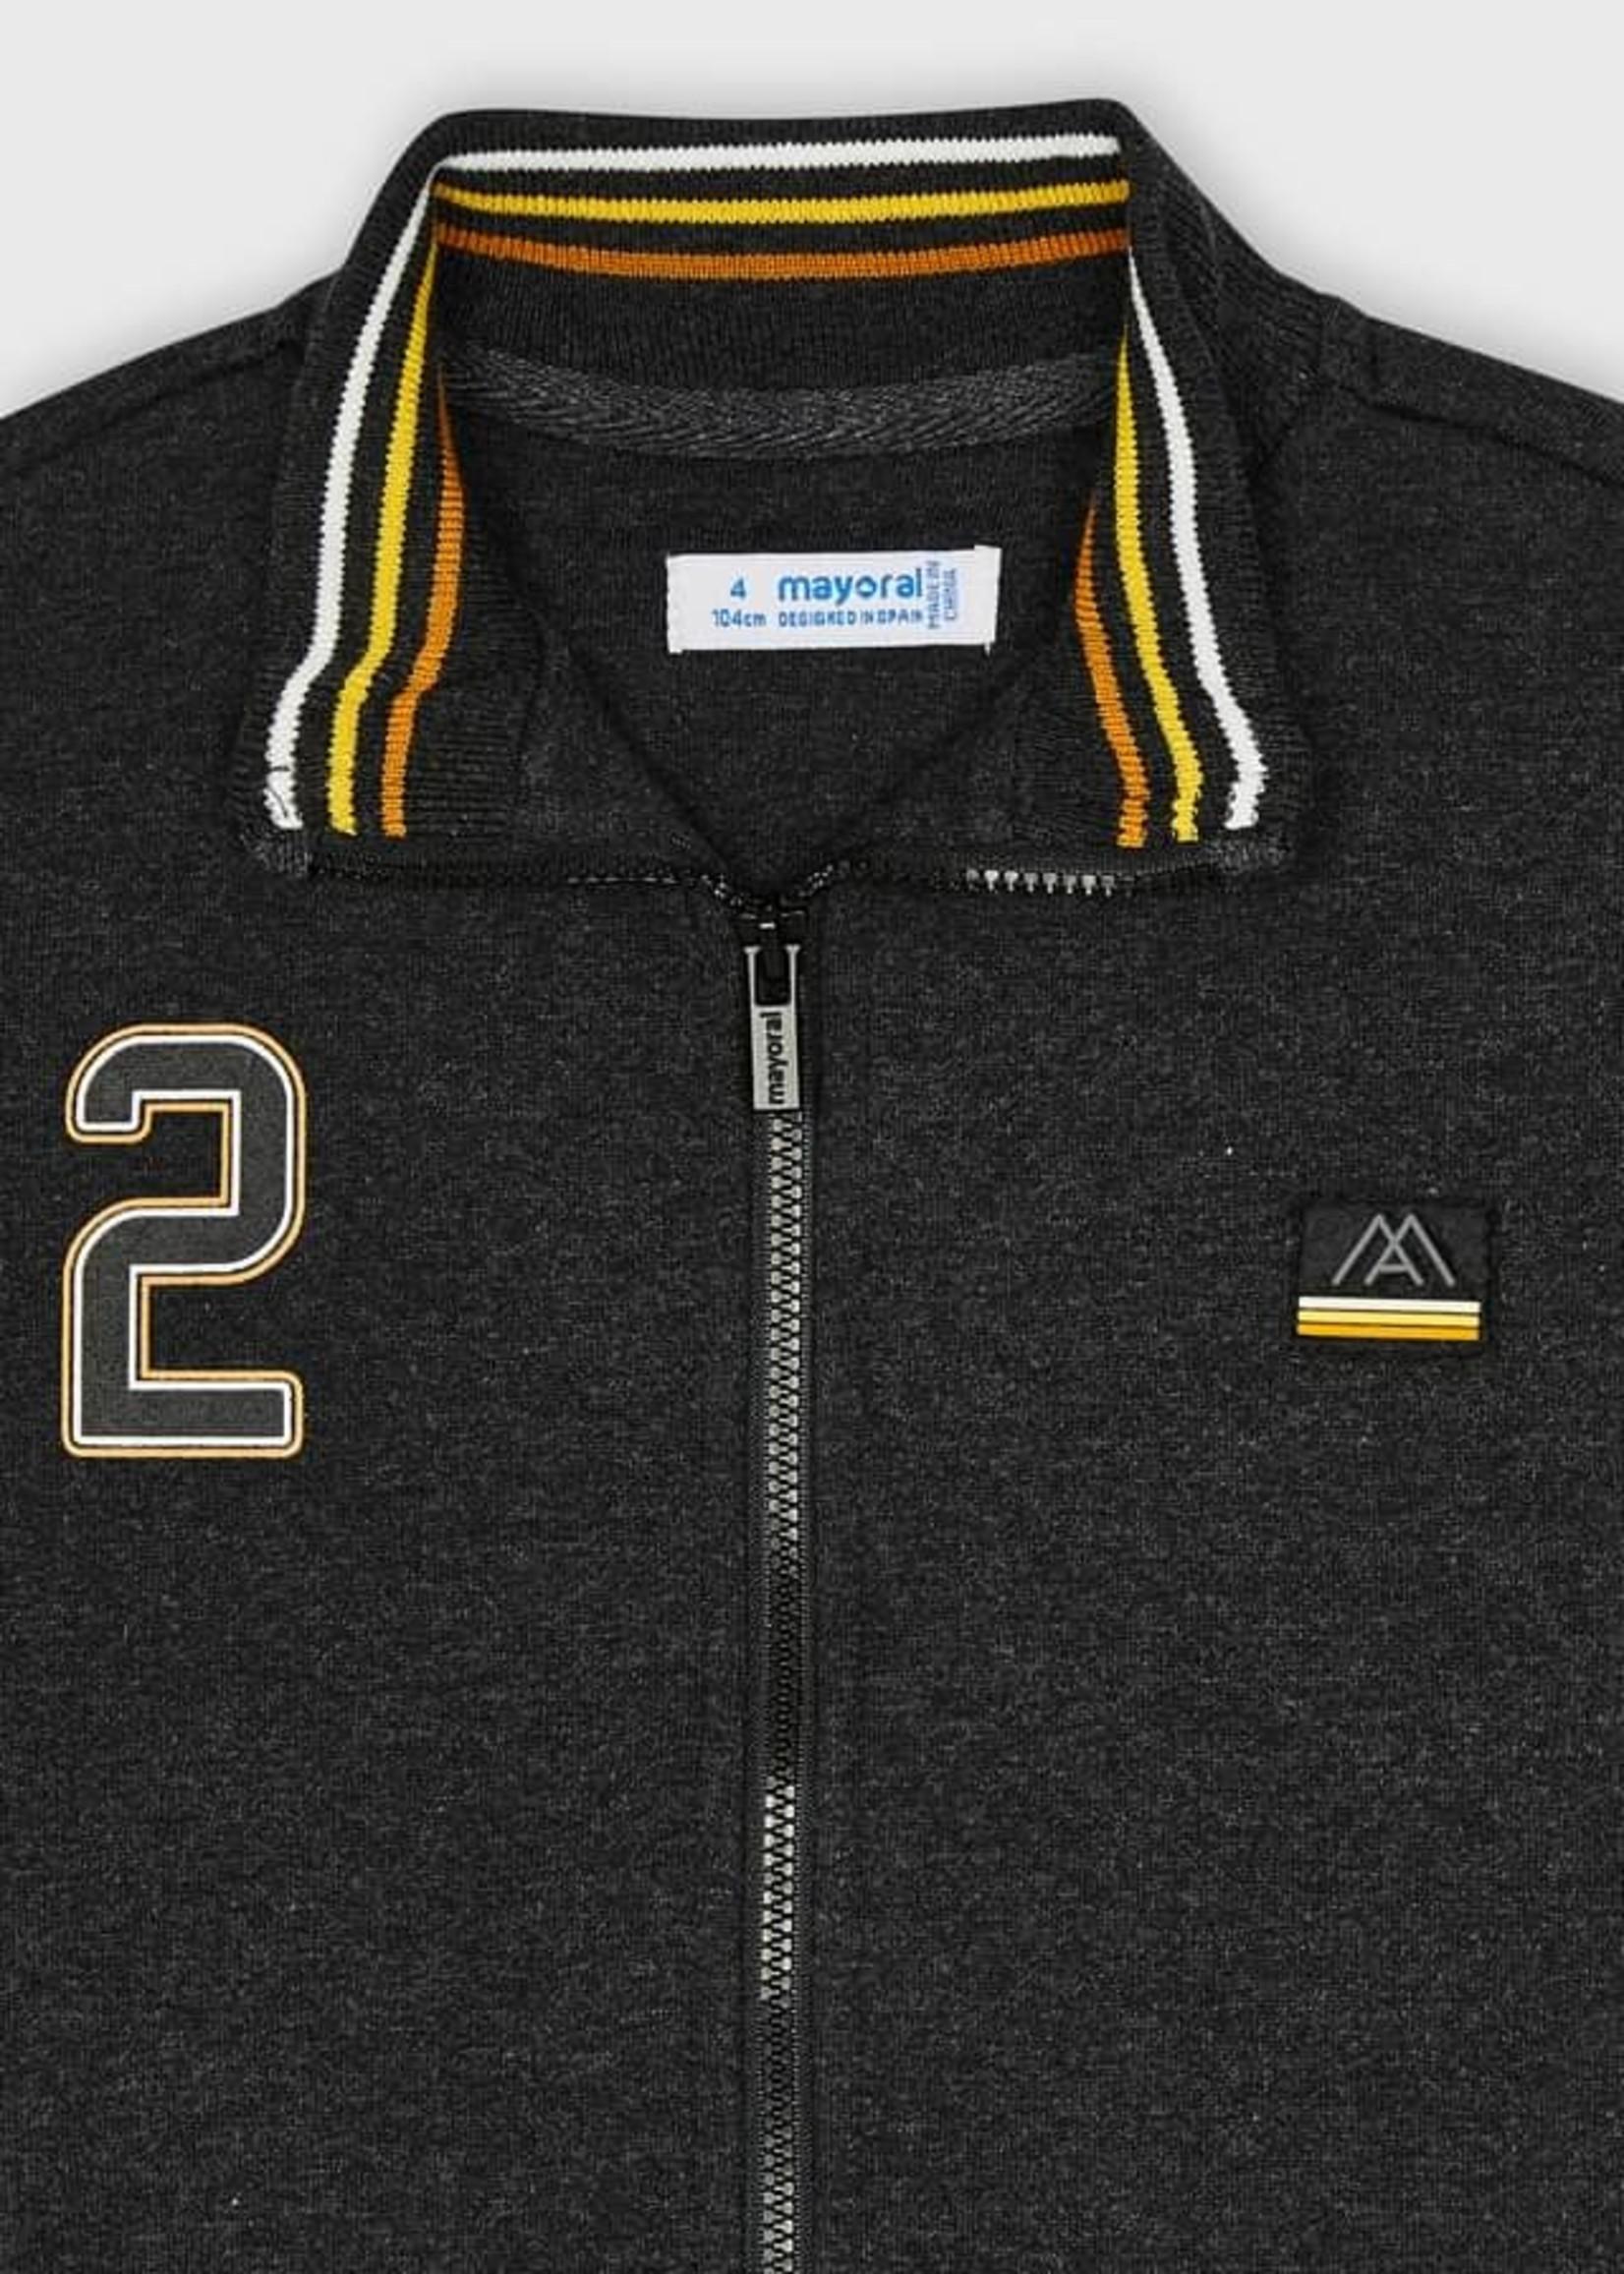 Mayoral Mayoral baseball hoodie